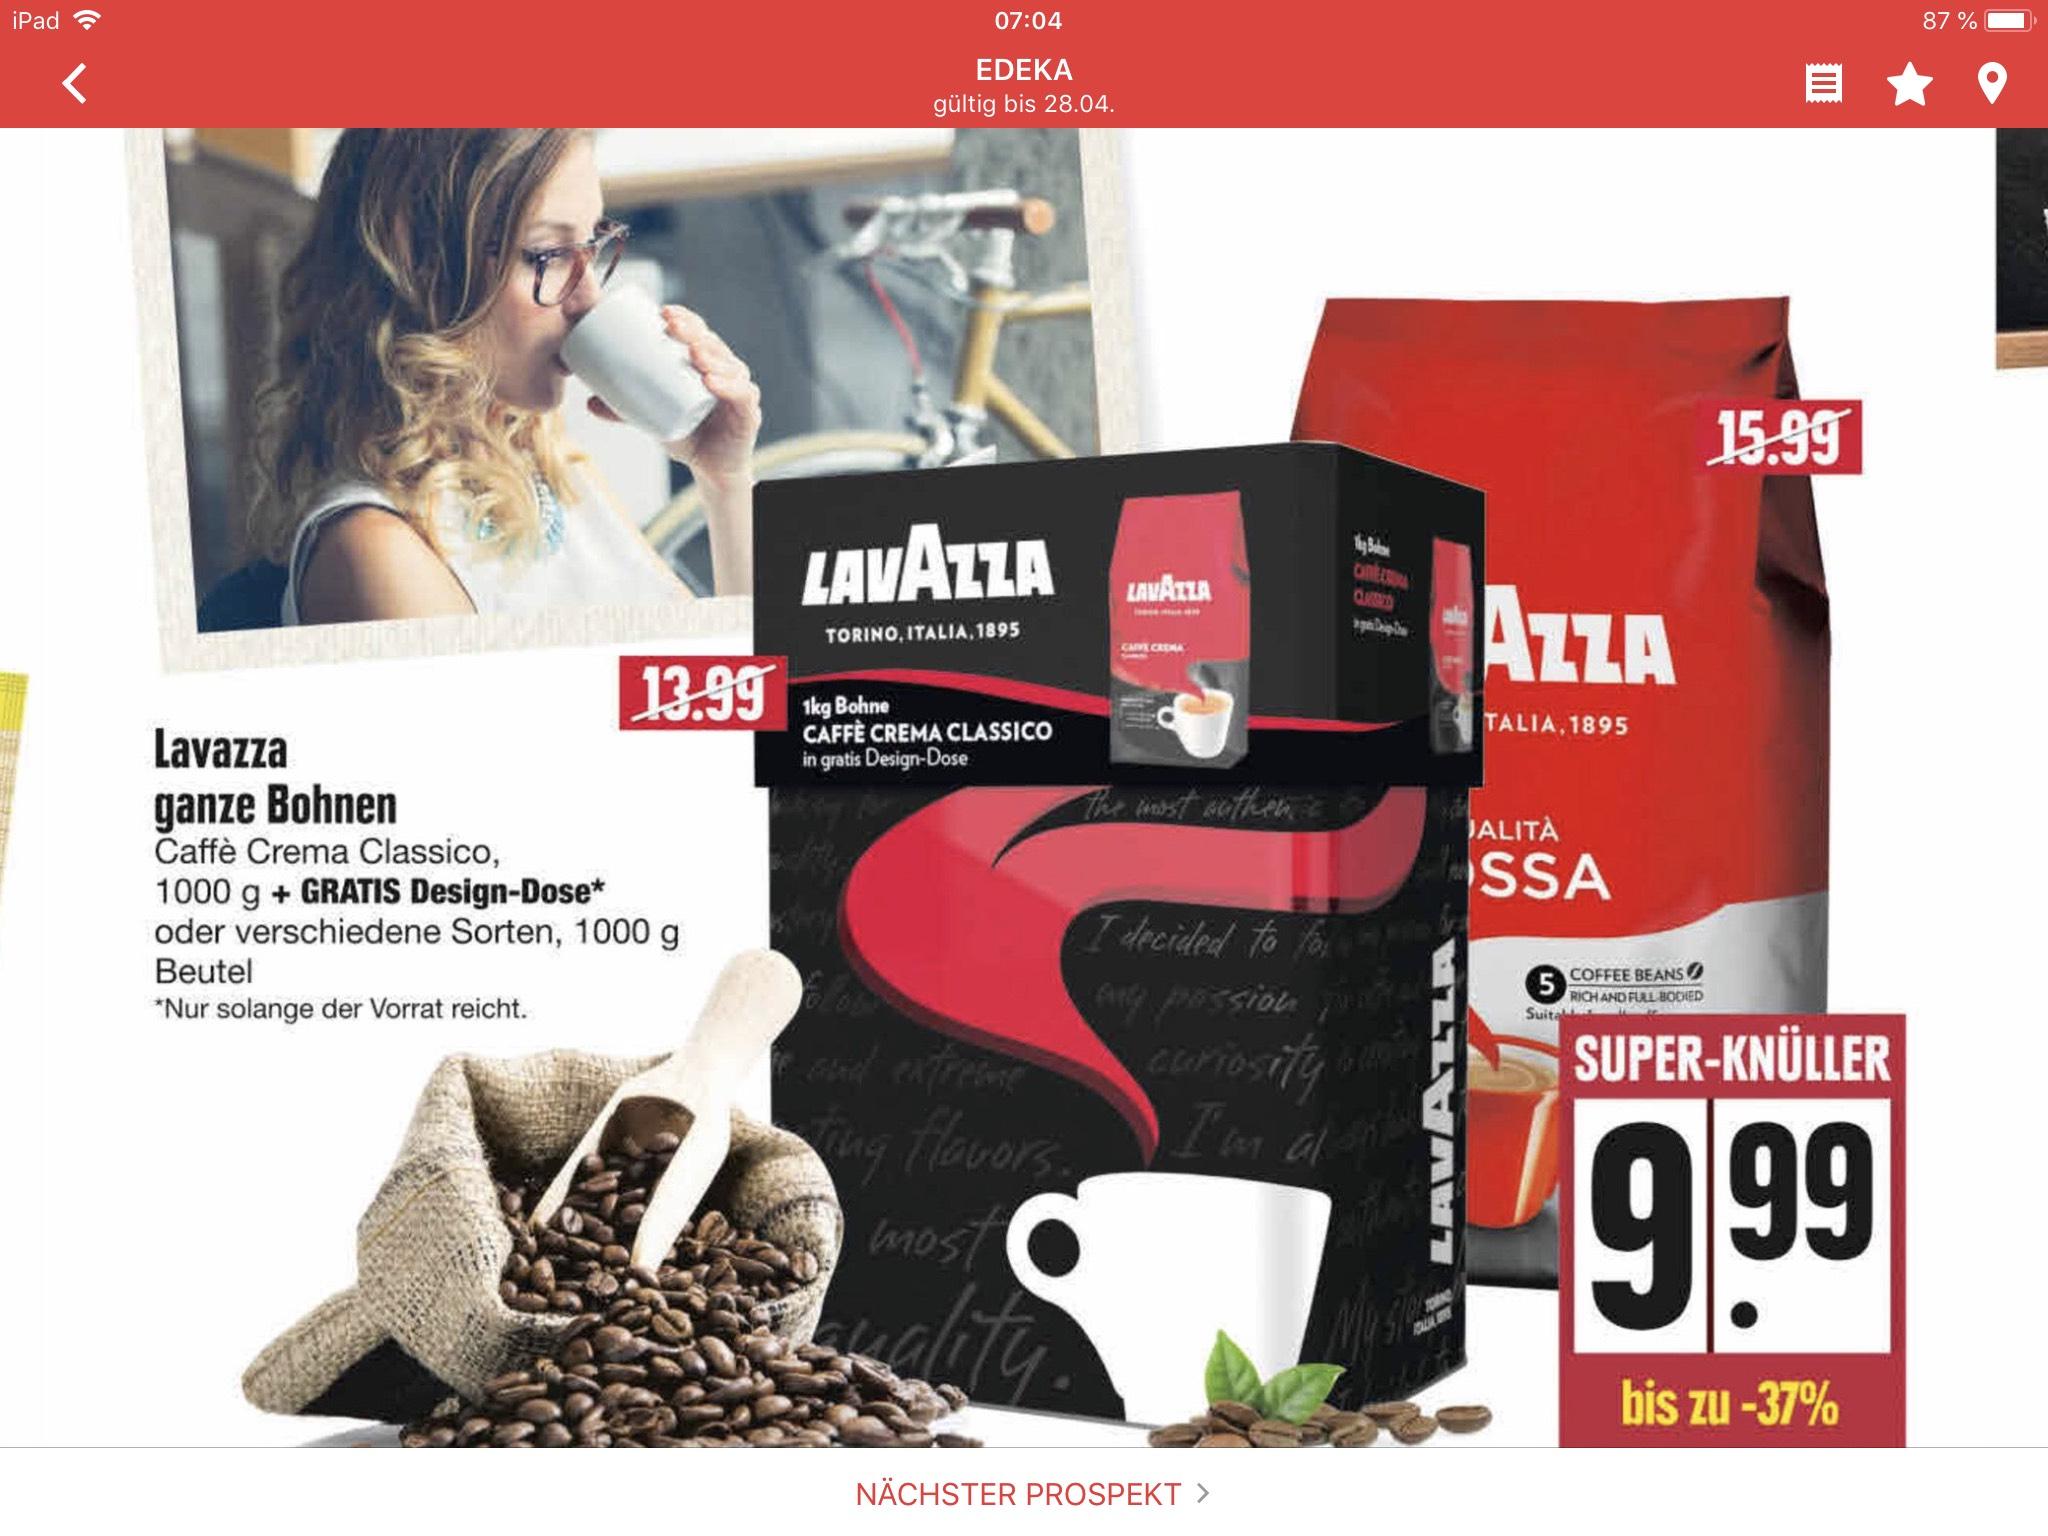 [Edeka/Marktkauf] 1 Kg Lavazza Caffè Crema Classico Kaffeebohnen + gratis Design Dose